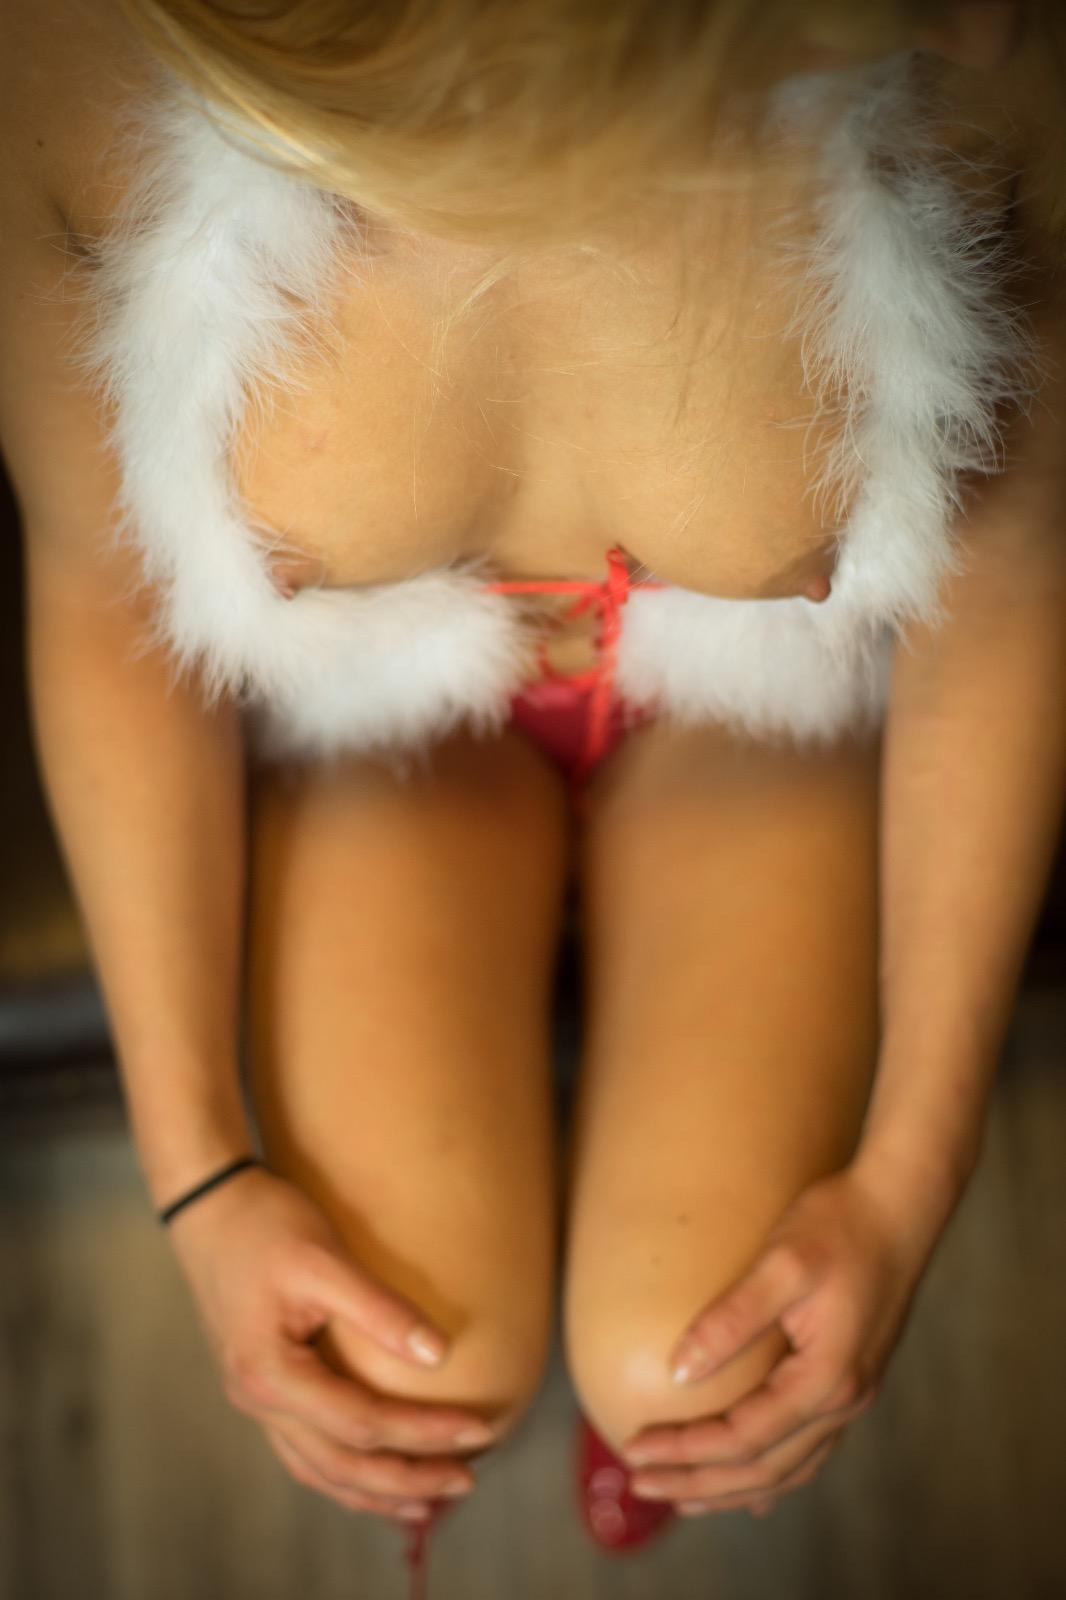 Stundenhotel friedrichshafen erotik kempten